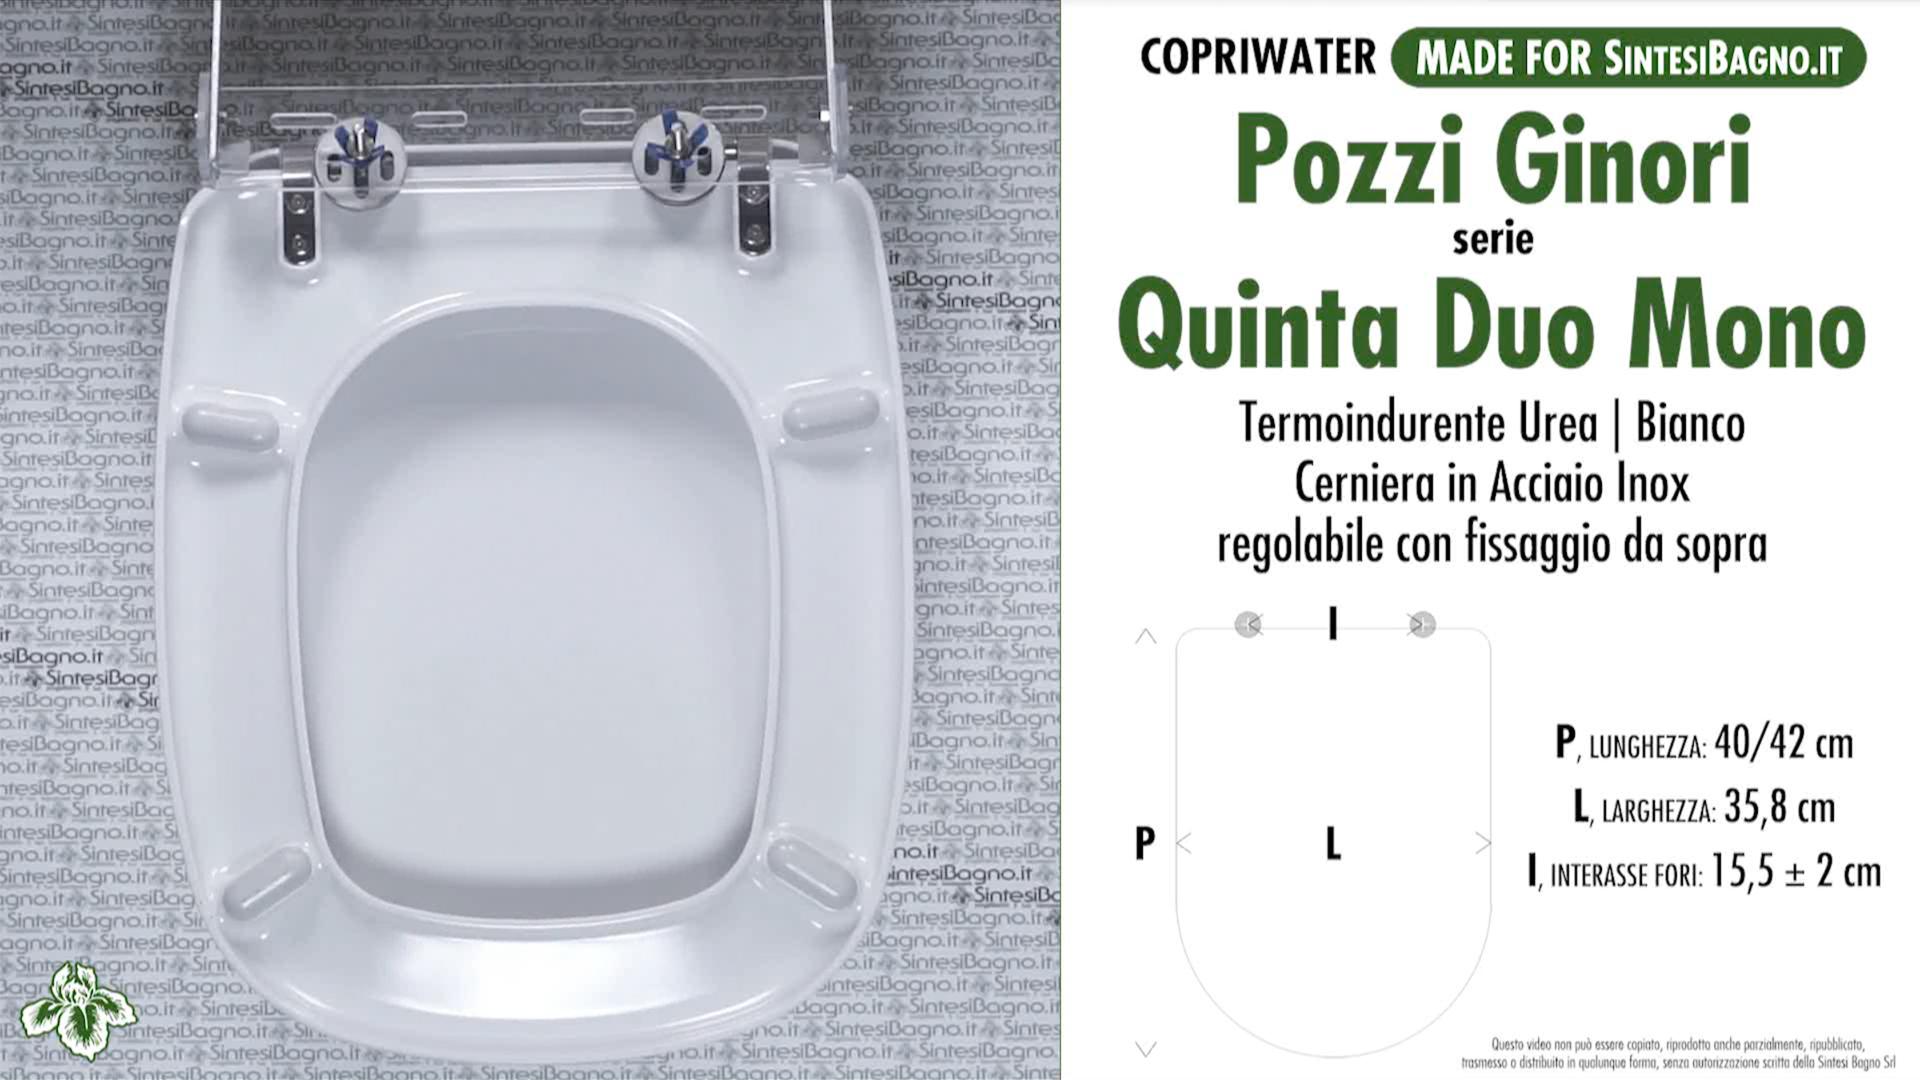 scheda-tecnica-datasheet-copriwater-pozzi-ginori-serie-quinta-duo-monoblocco